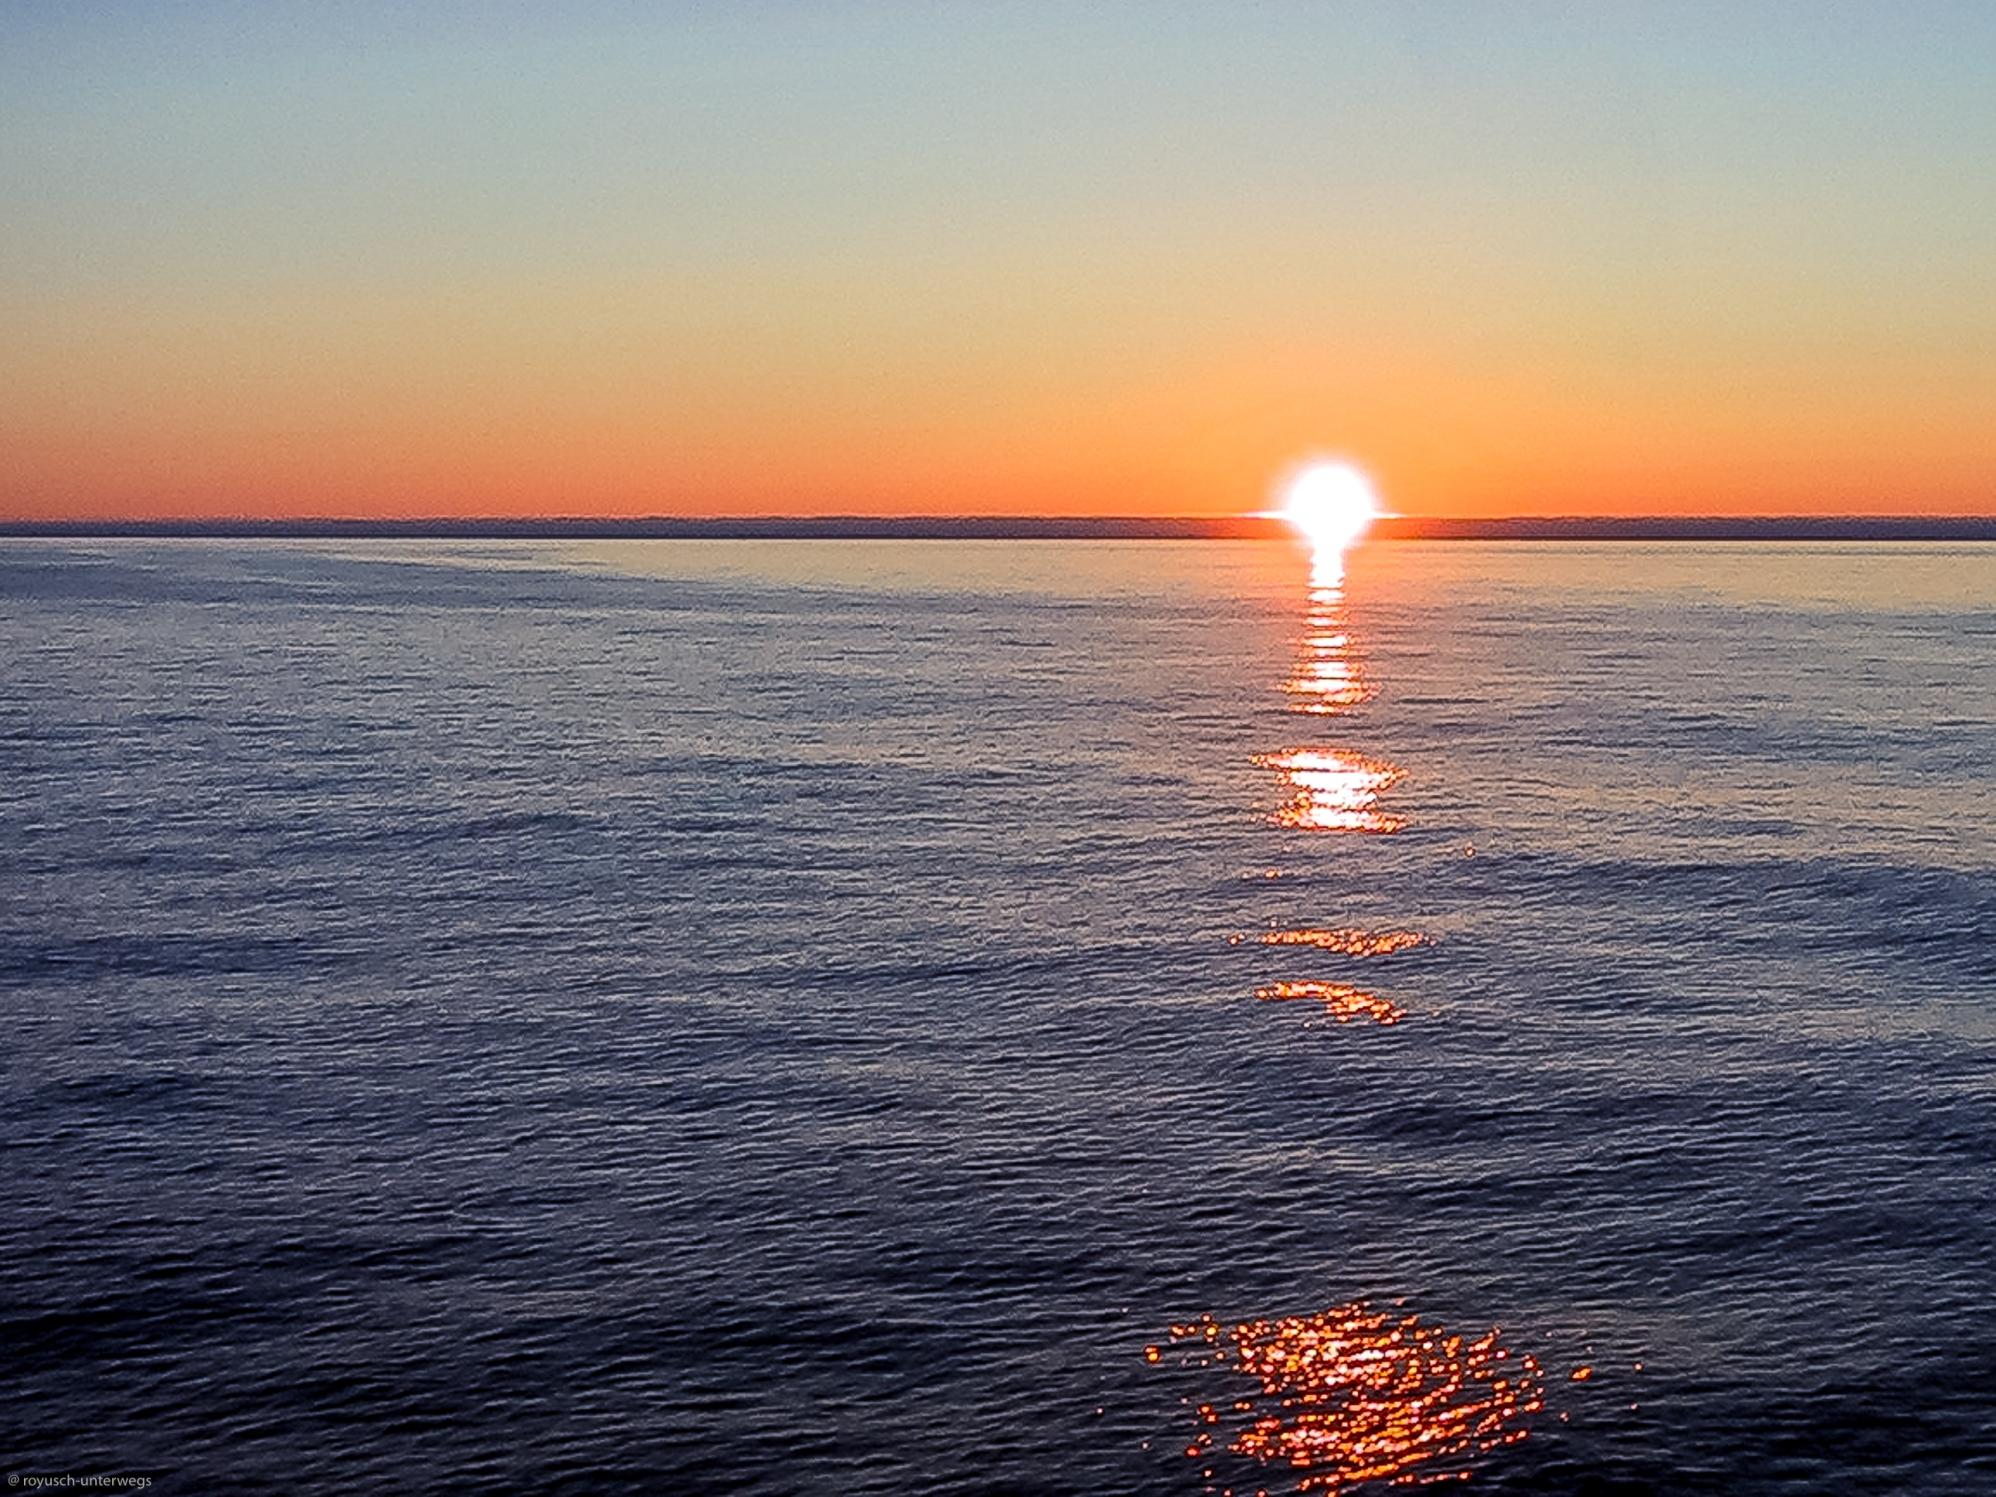 Sonnenuntergang zwischen Norwegen und Island, der eigentlich keiner ist, da die Sonne zu dieser Zeit nicht wirklich unter geht (tiefster Stand der Sonne)